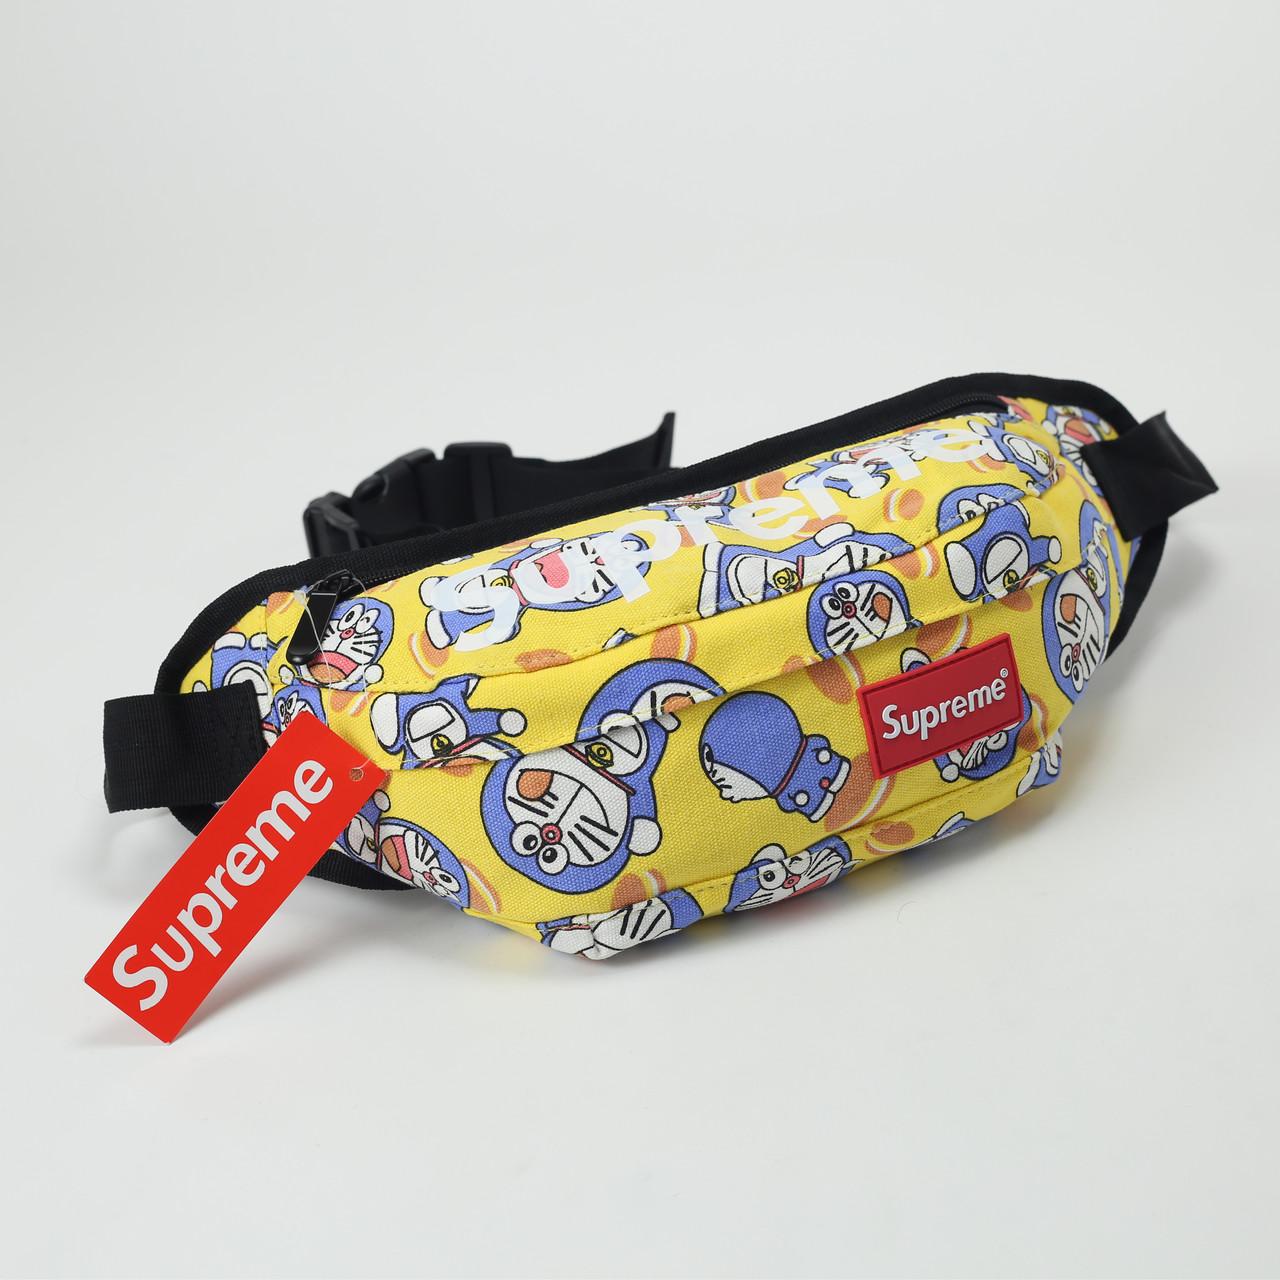 d126389e108c Поясная сумка Supreme Cat реплика - Ataman Shop — Интернет-магазин  молодежной одежды в Полтаве